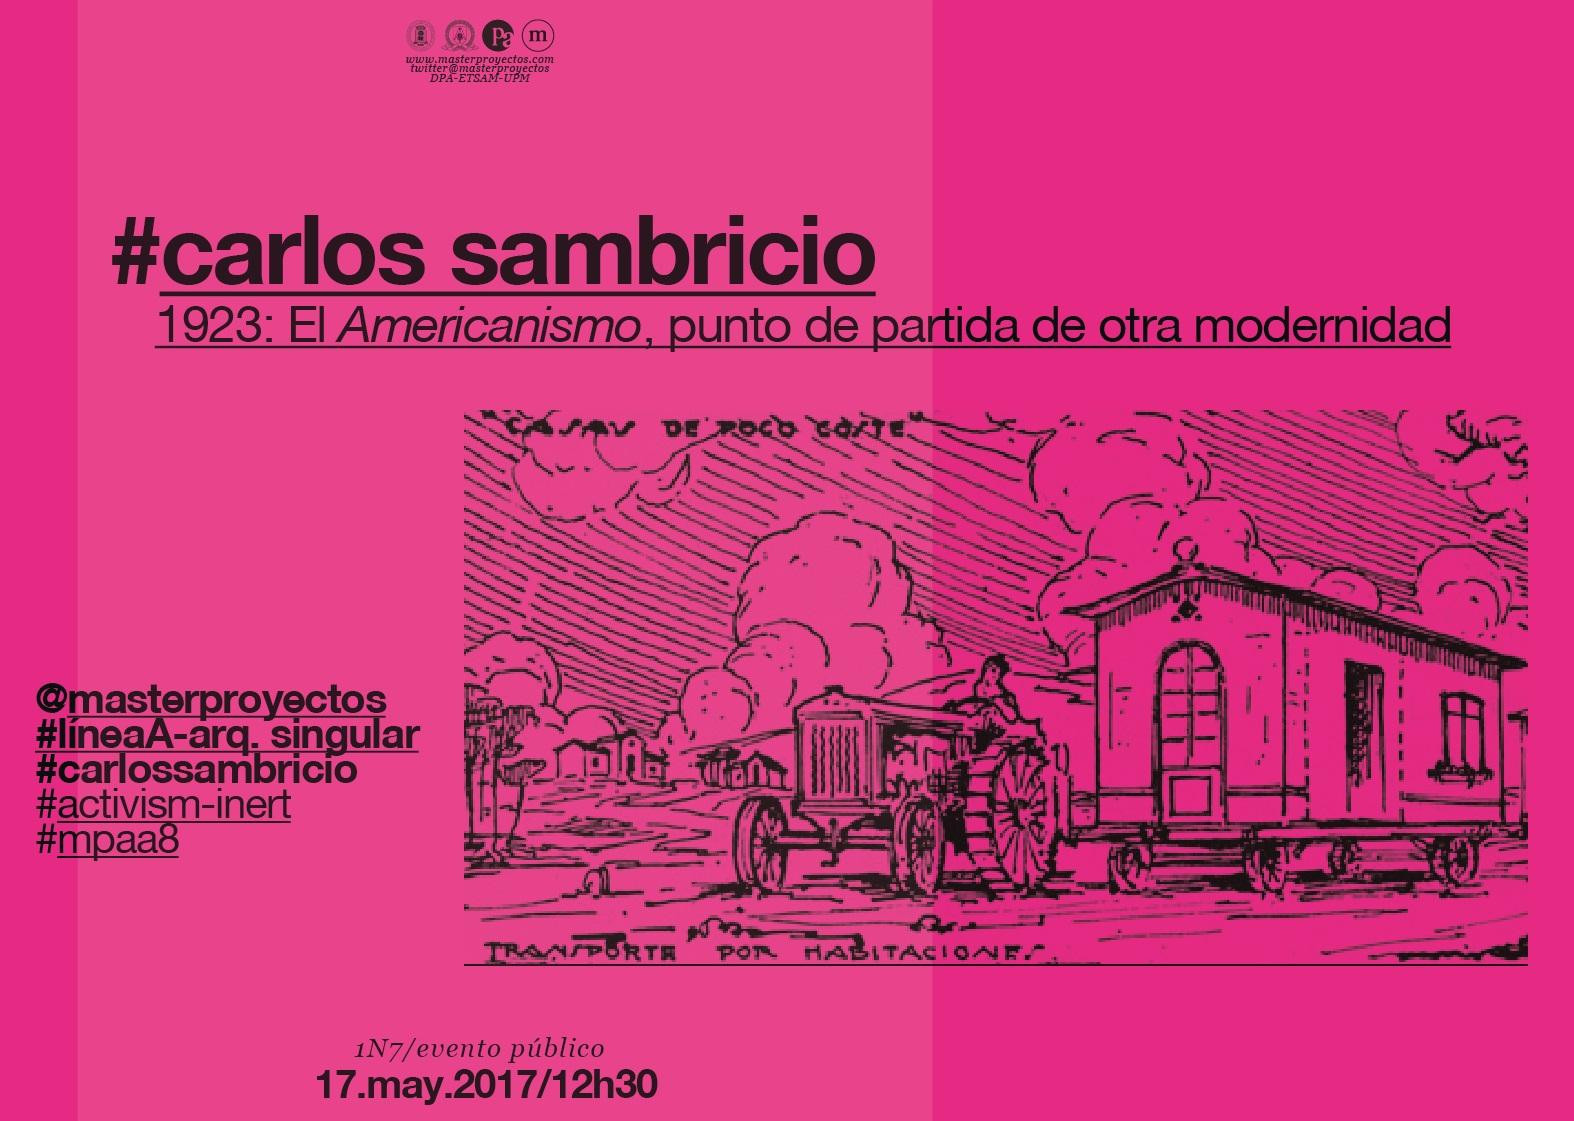 170517_Carlos Sambricio